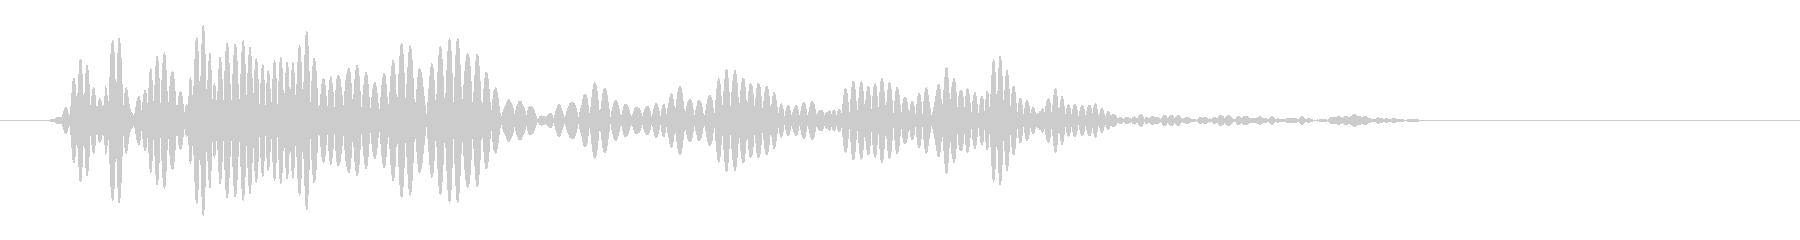 ゴバッ(短めの音色)の未再生の波形